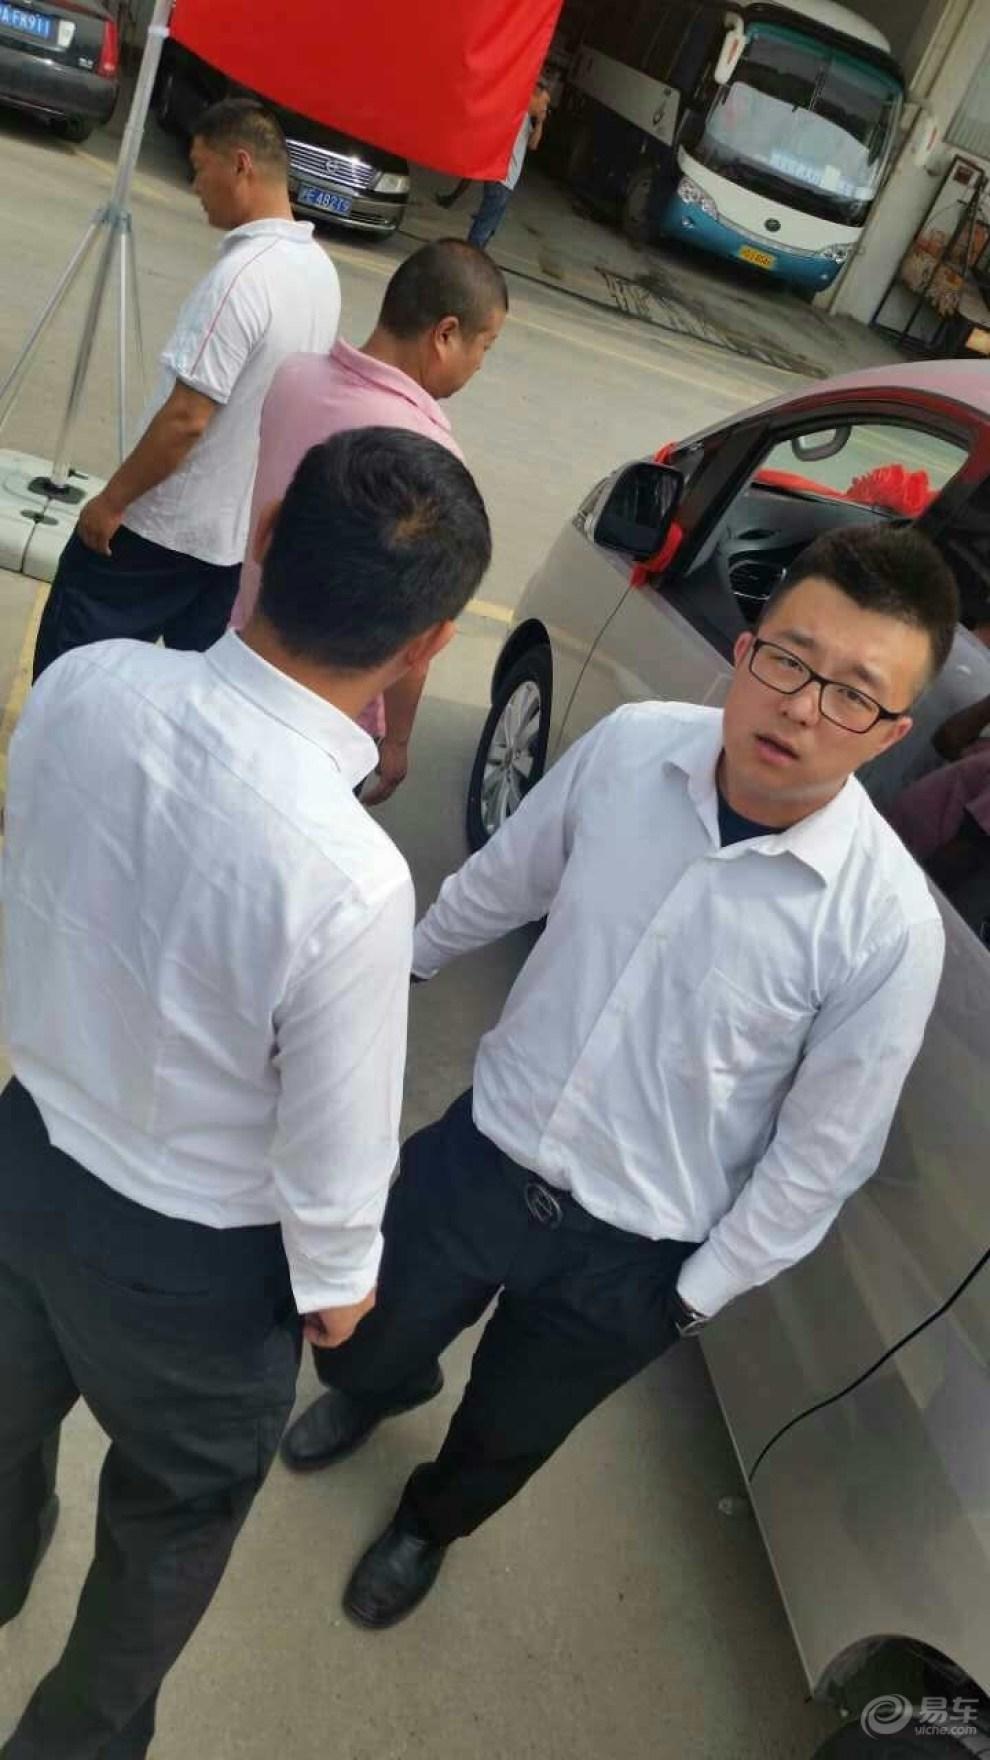 伴创 2015江淮汽车全系MPV展销会 -瑞风S3论坛图片集锦高清图片